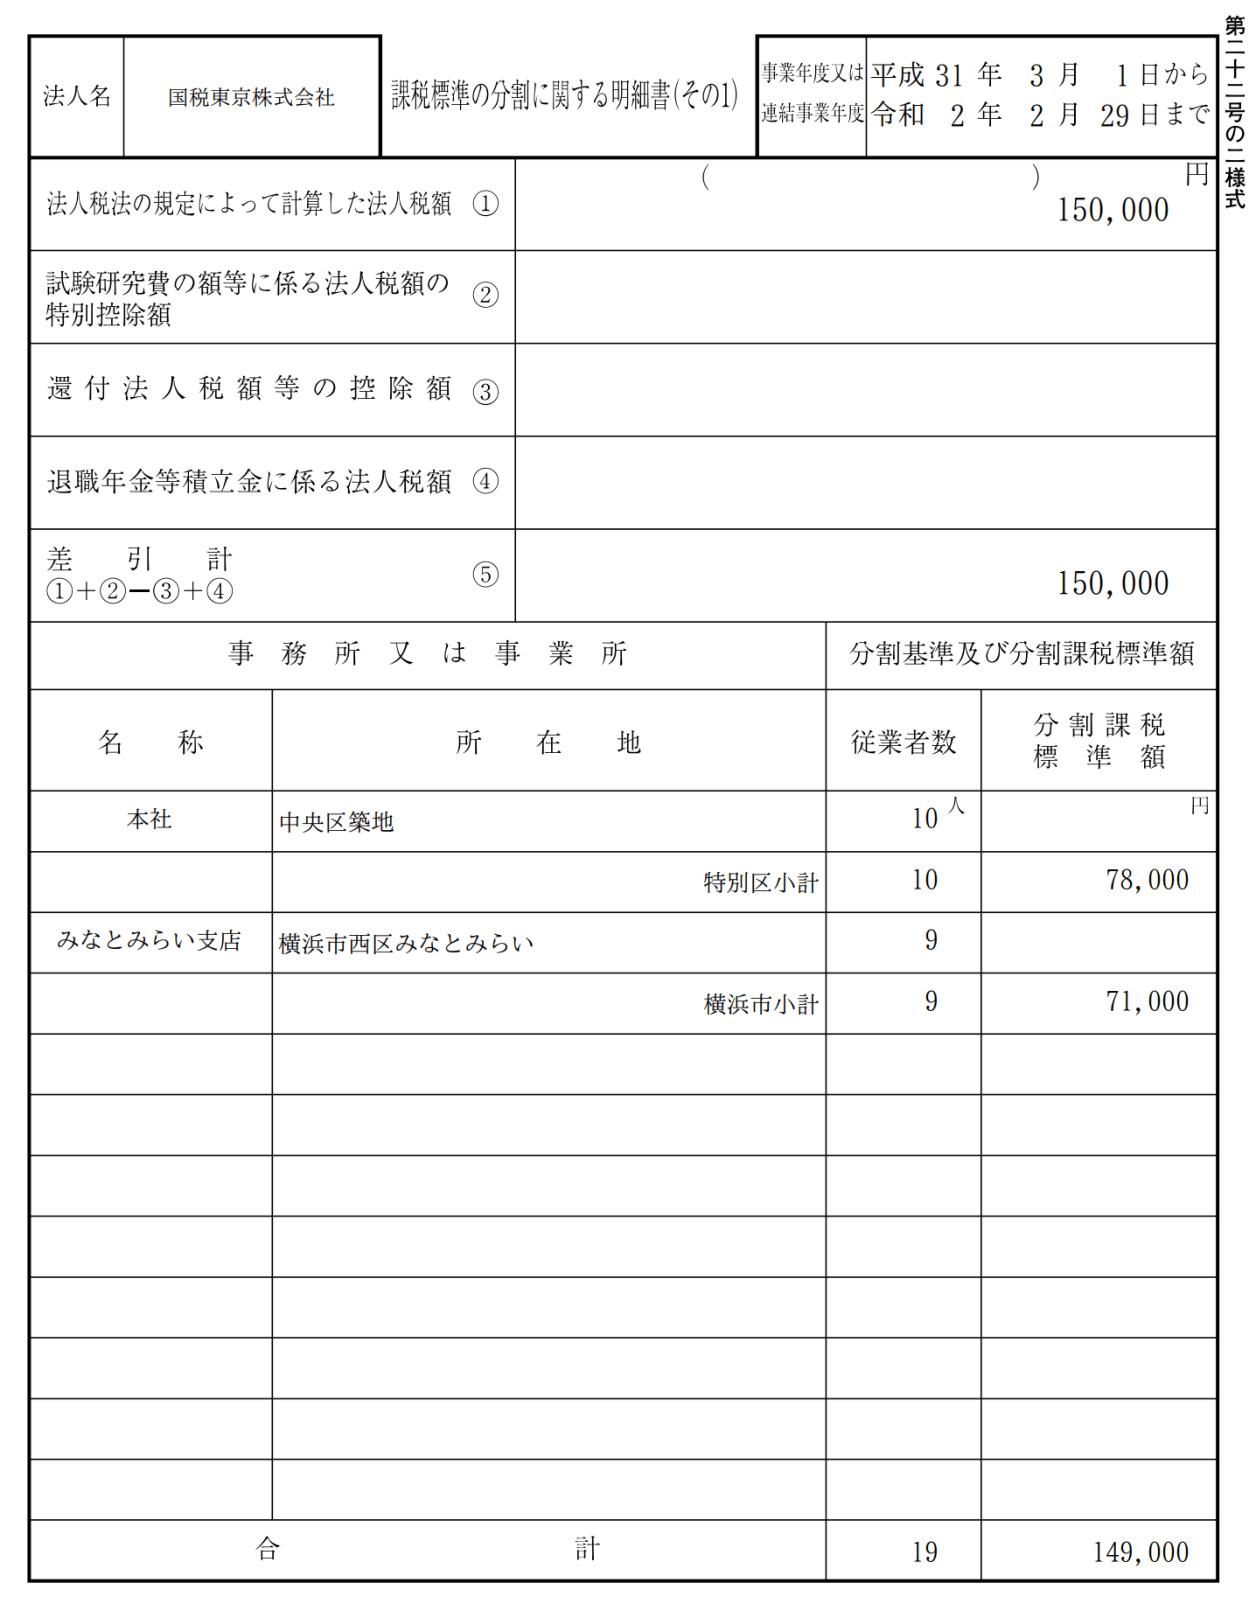 課税標準の分割に関する明細書(その1)サンプル第22号の2